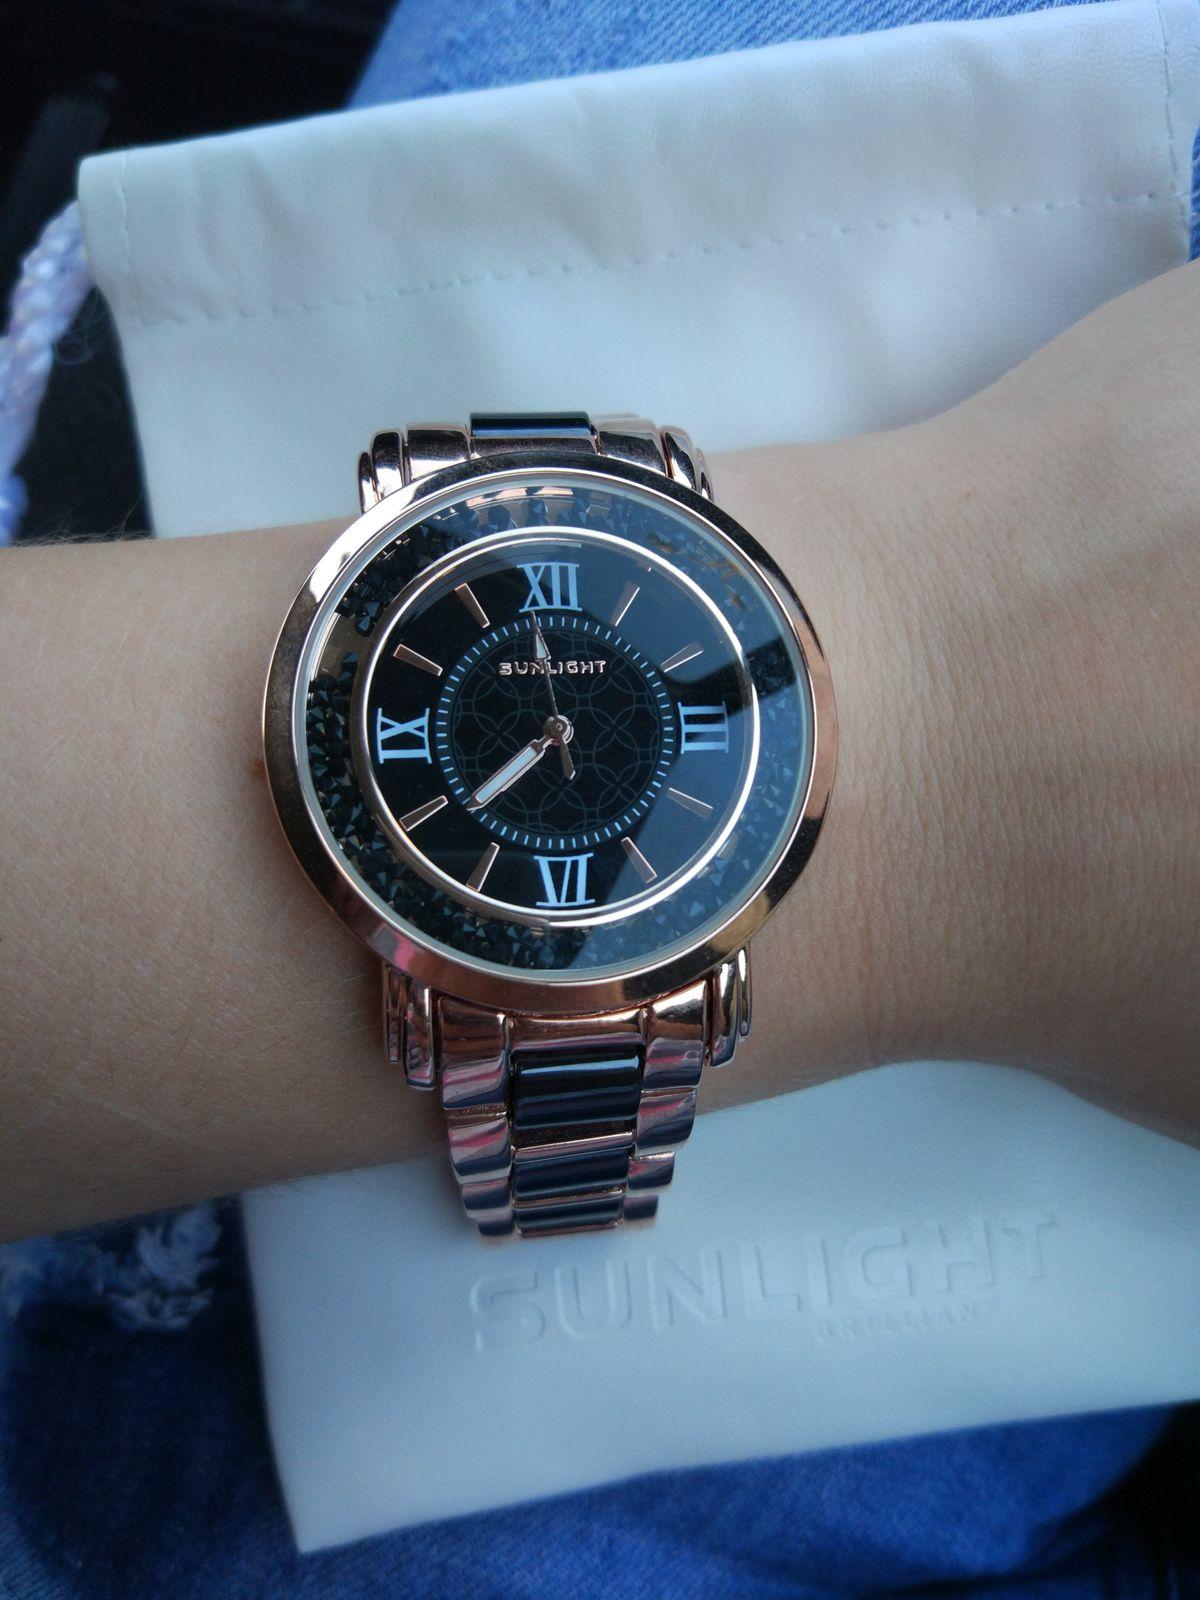 Замечательные шикарные часы! Подарила себе любимой. Очень довольна покупкой